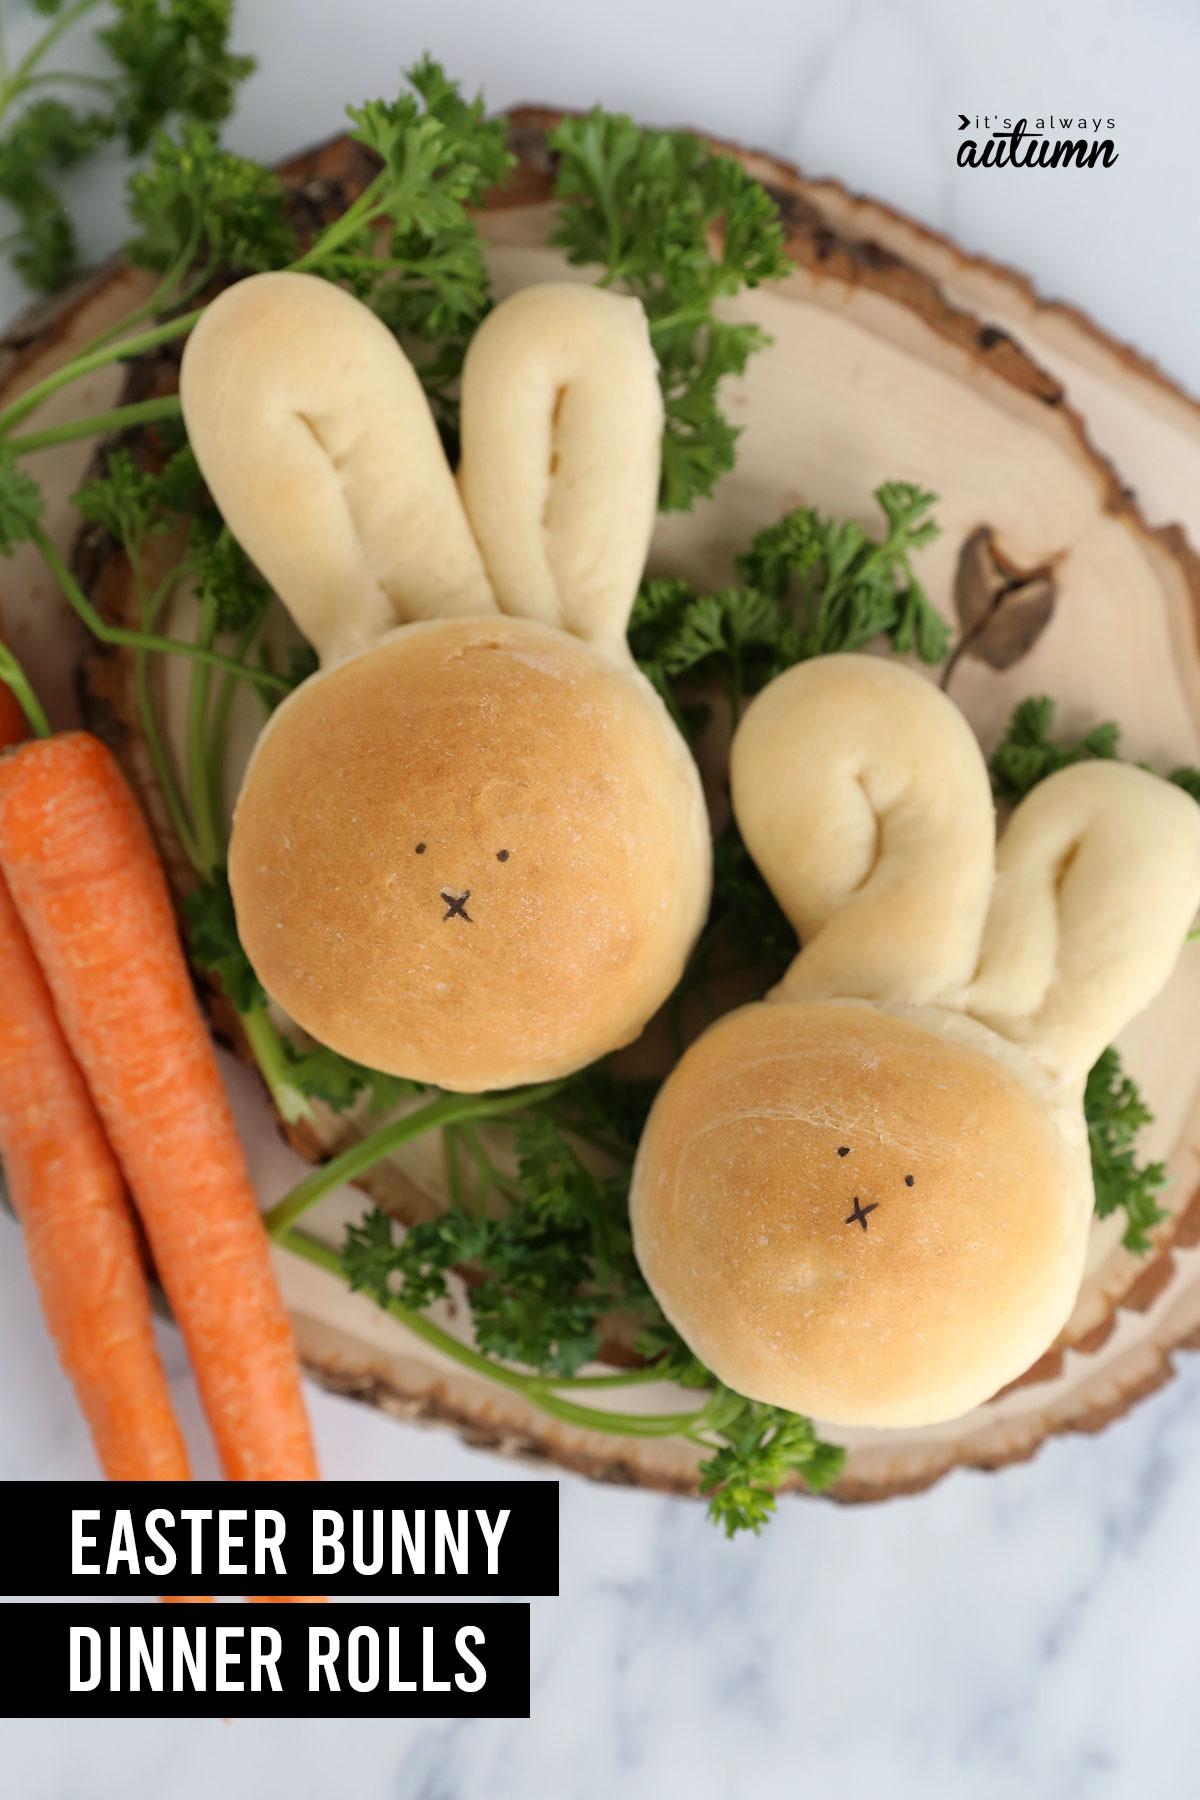 Easter bunny dinner rolls